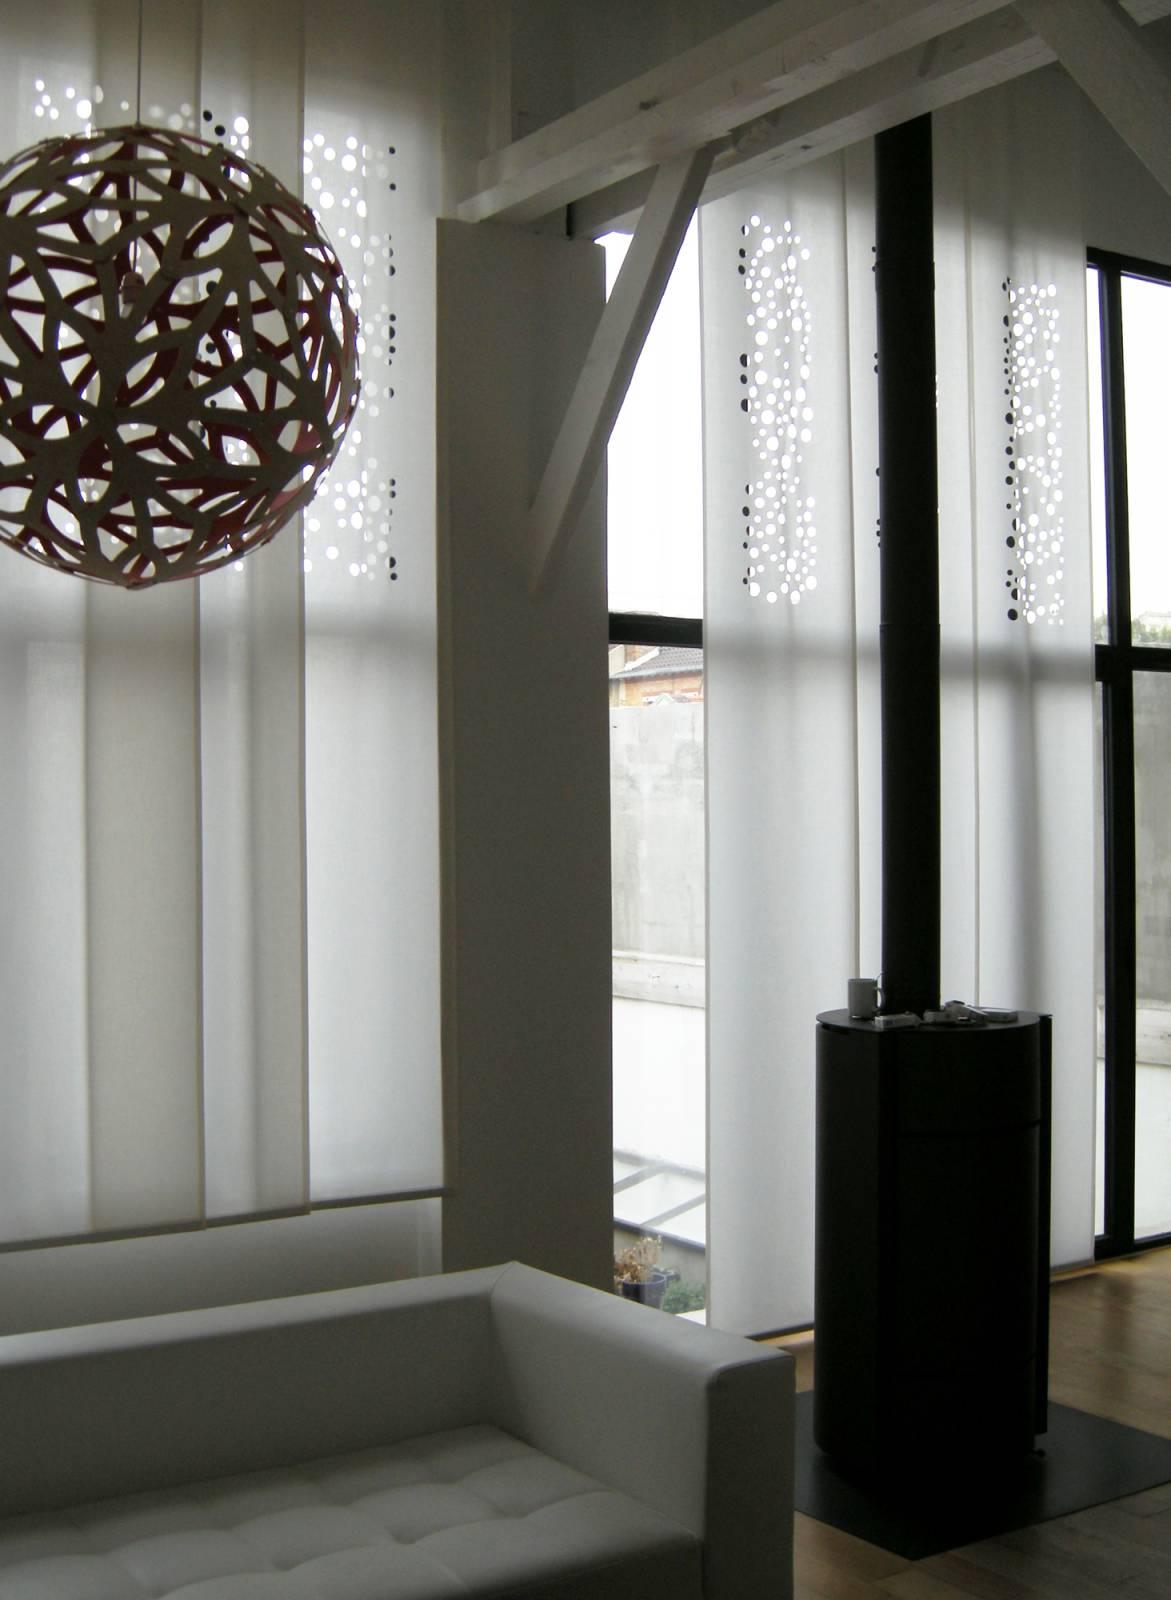 """Panneaux japonais translucides """"Bulles de savon"""" - exemple de réalisation 1"""